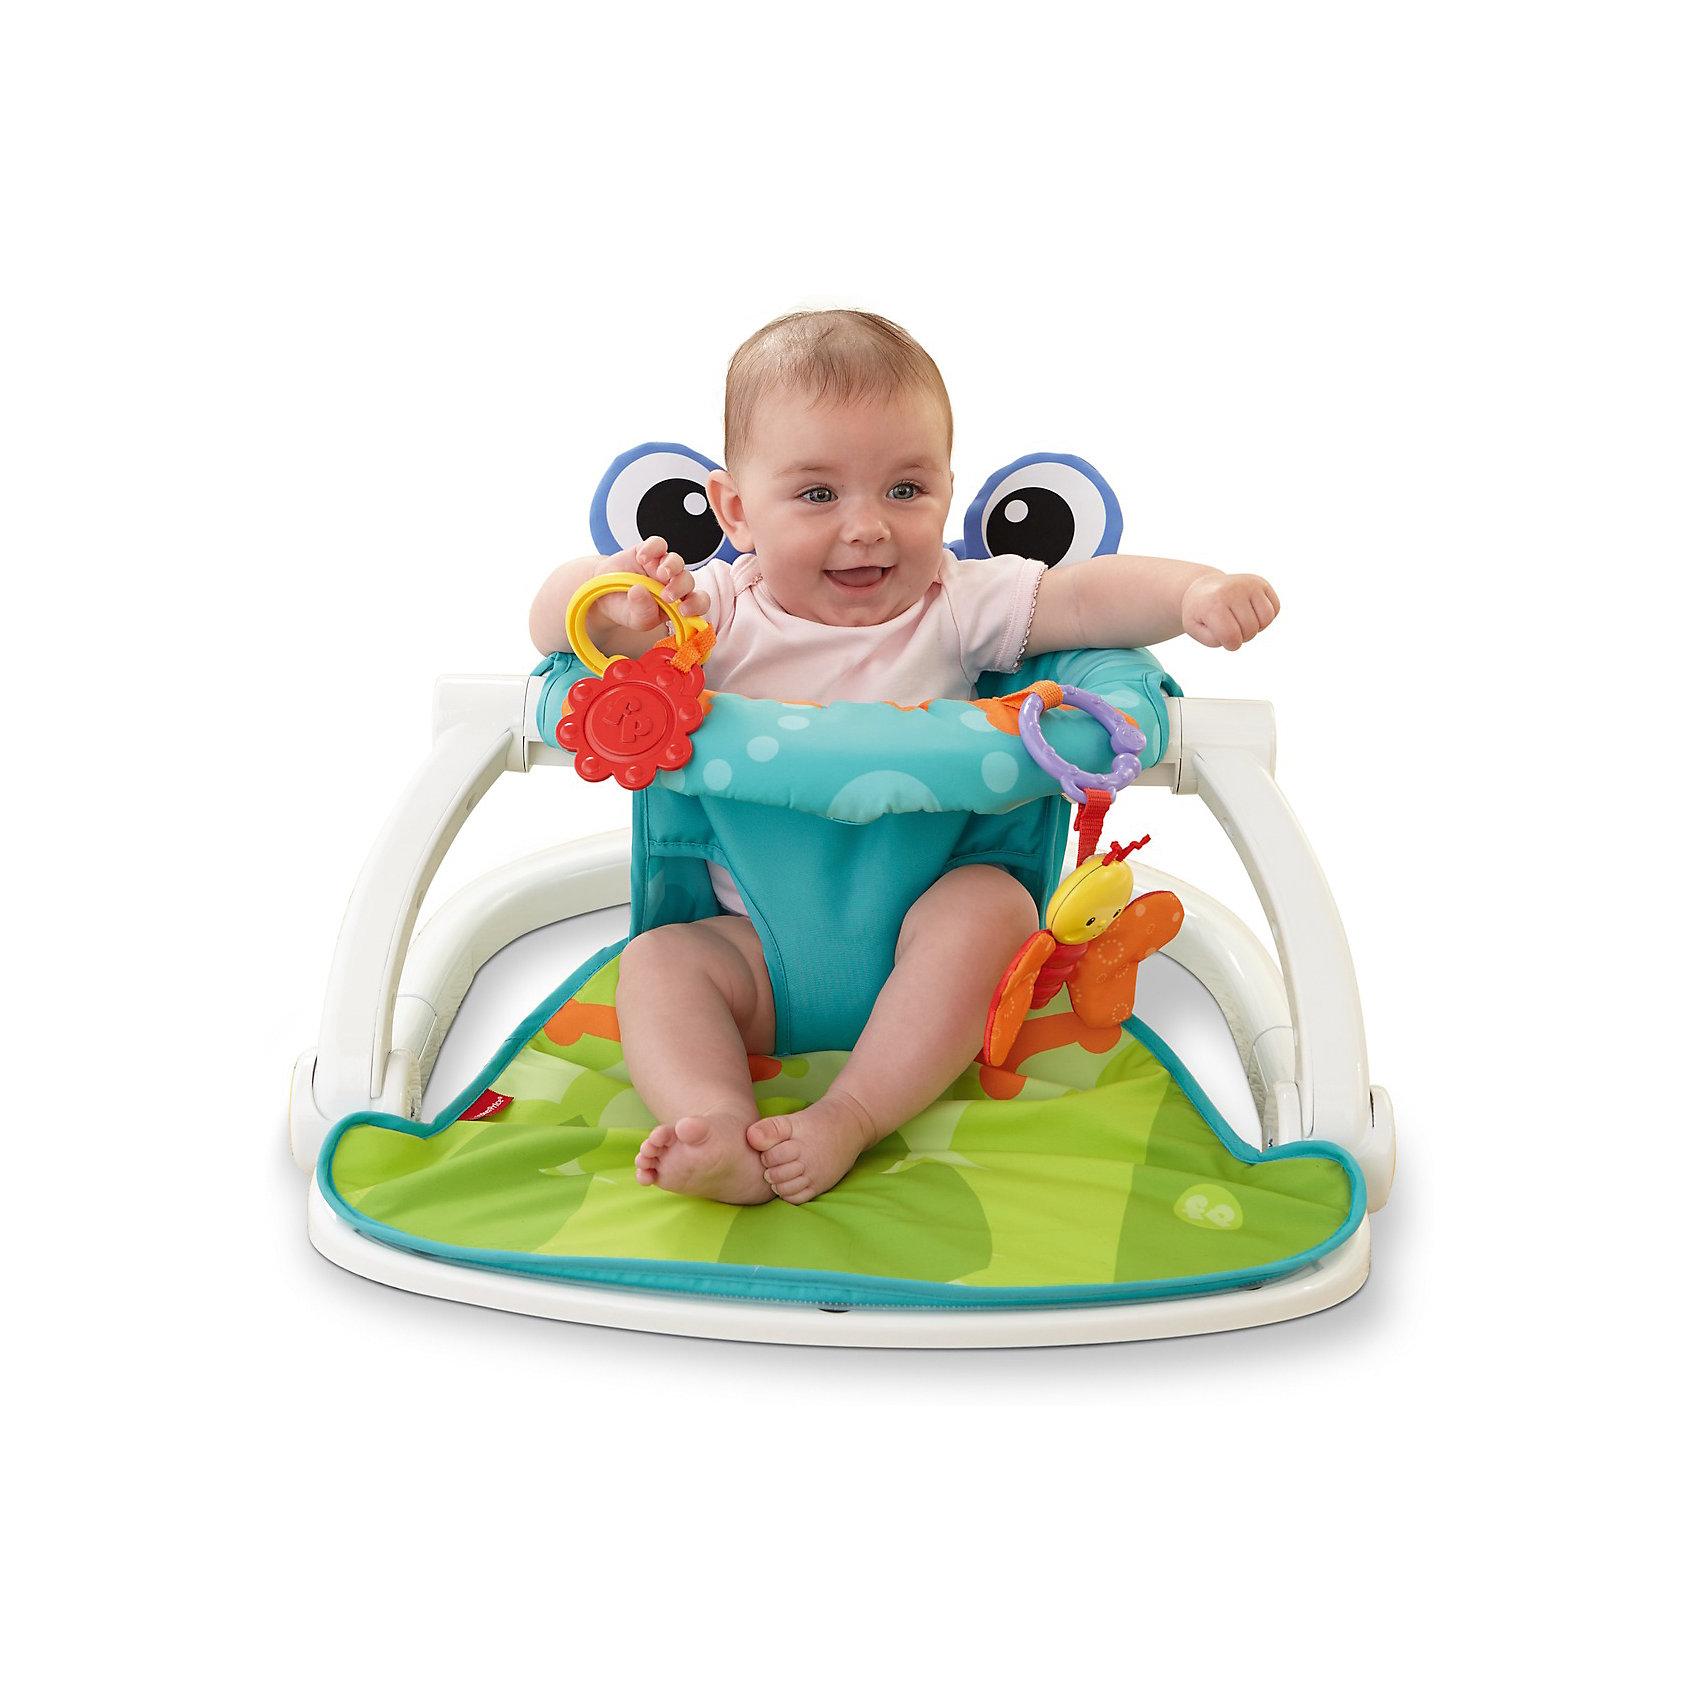 Напольное сиденье Лягушонок, Fisher PriceКресла-качалки<br>Характеристики:<br><br>• Вид детской мебели: кресло-сиденье<br>• Пол: универсальный<br>• Материал: пластик, текстиль<br>• Цвет: голубой, зеленый, оранжевый<br>• Максимально допустимый вес: 11 кг<br>• Размер (Д*Ш*В): 51*25*66 см<br>• Вес: 3 кг 230 г<br>• Наличие складывающегося механизма<br>• Наличие подвесных игрушек<br>• Наличие съемного чехла<br>• Особенности ухода: пластиковый каркас можно мыть теплой мыльной водой, съемный чехол разрешается стирать при температуре не более 30 градусов<br><br>Напольное сиденье Лягушонок, Fisher Price ? мягкое и удобное кресло для самых маленьких детей. Сиденье выполнено из прочных и безопасных материалов: пластиковый каркас обеспечивает надежную защиту для ребенка, а мягкое сиденье-чехол – удобство и комфорт. Кресло имеет устойчивое основание, за счет чего обеспечивается защита от переворачивания. Кроме того, каркас имеет складной механизм, поэтому кресло удобно брать с собой в путешествия и поездки. В комплекте предусмотрены две яркие игрушки-подвески, различная фактура которых будет способствовать развитию тактильных ощущений. Сиденье выполнено в форме лягушонка с большими объемными глазами на спинке стула. <br><br>Напольное сиденье Лягушонок, Fisher Price можно купить в нашем интернет-магазине.<br><br>Ширина мм: 536<br>Глубина мм: 403<br>Высота мм: 139<br>Вес г: 2519<br>Возраст от месяцев: 0<br>Возраст до месяцев: 12<br>Пол: Унисекс<br>Возраст: Детский<br>SKU: 5118148